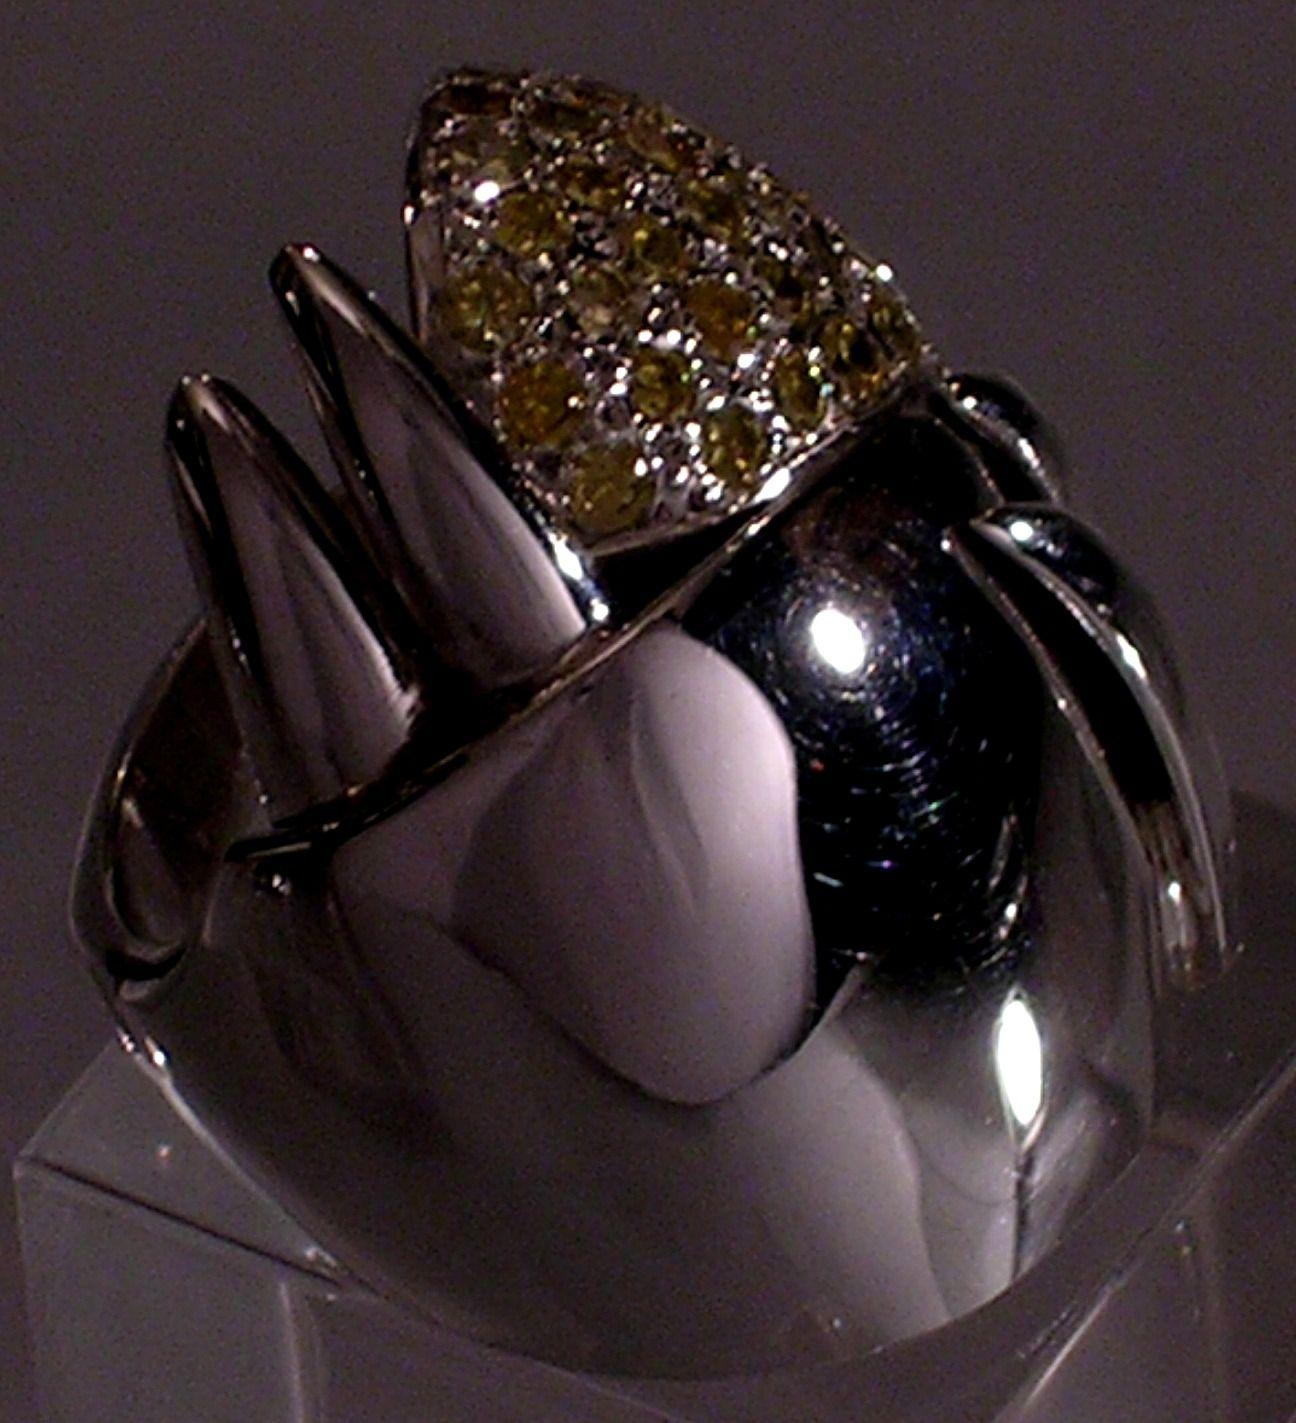 Anillo: Cometa  Colección: Sidney  Materiales: Plata 925, Diamantes Fancy.